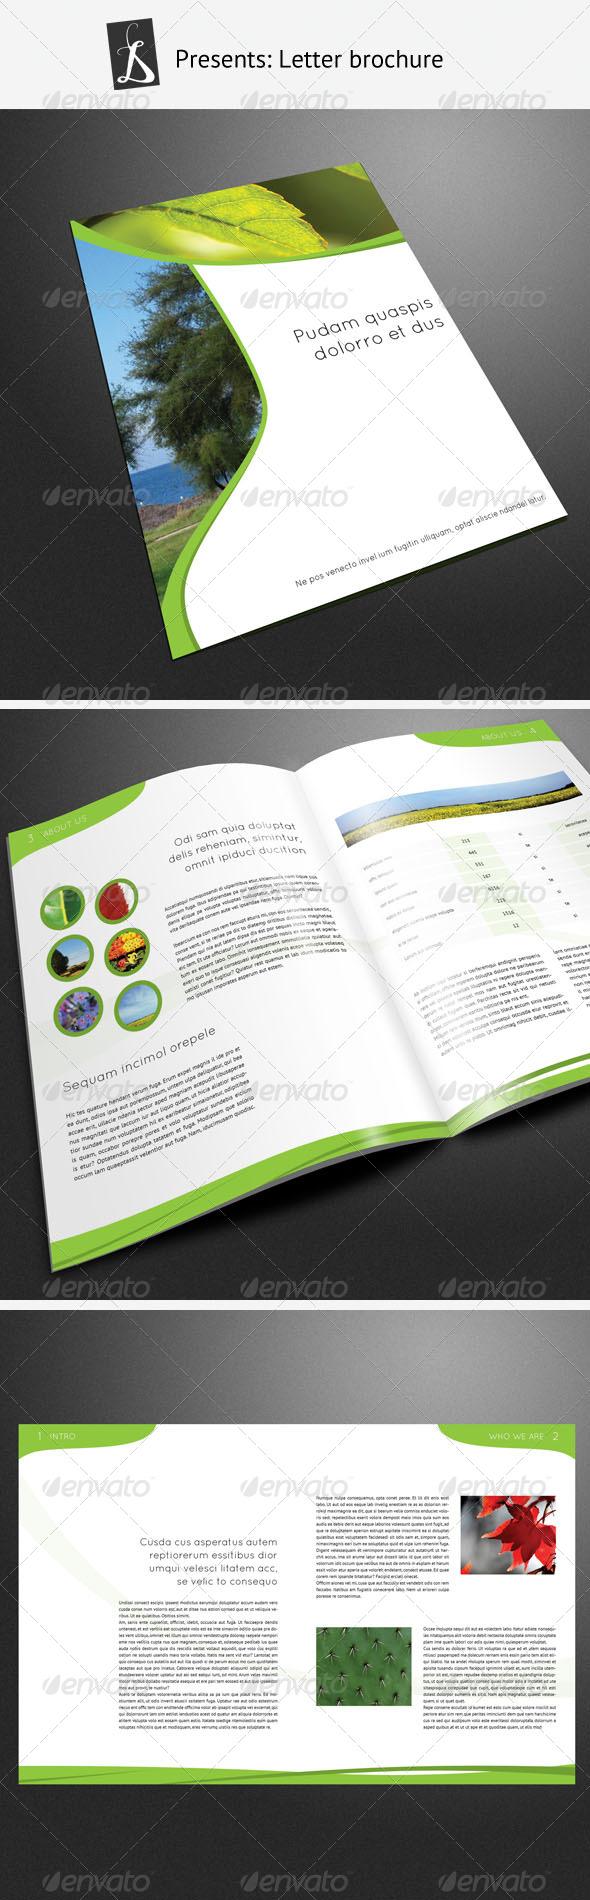 GraphicRiver Corporate Brochure 5 246368